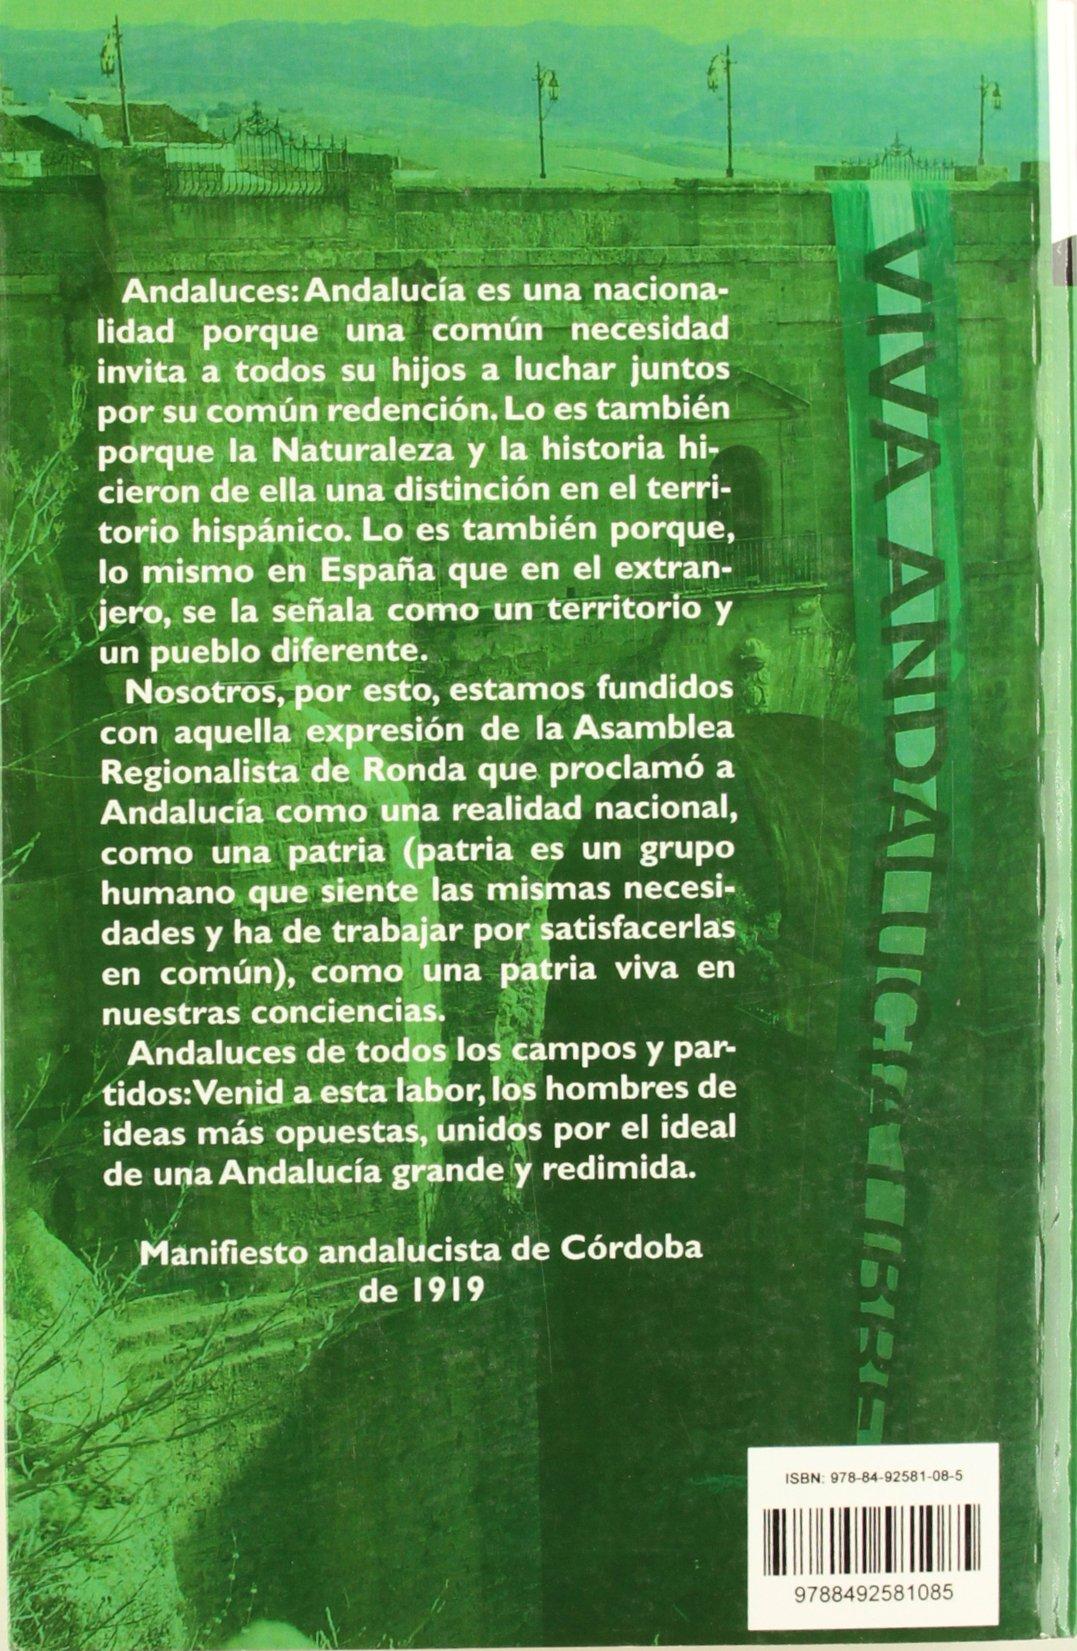 Andalucía es una nación : (con sujeto, verbo y predicado): Pedro Ruiz-Berdejo Gutiérrez: 9788492581085: Amazon.com: Books